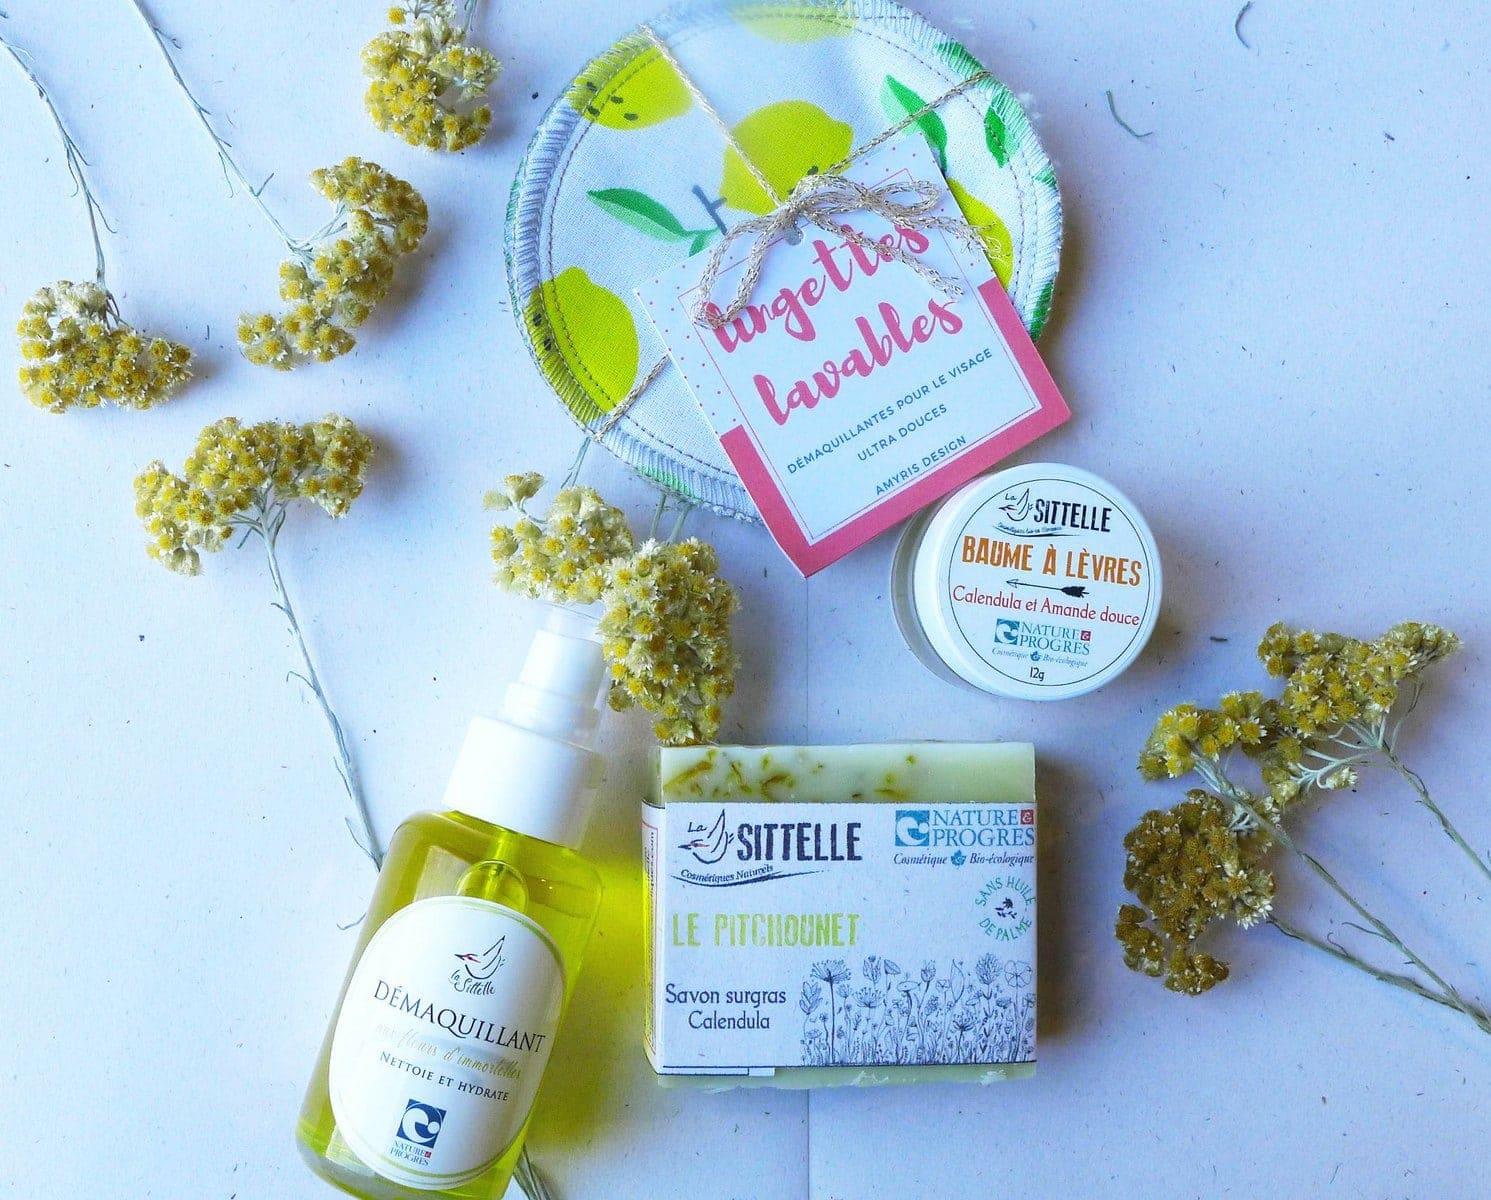 Produits cosmetiques, Naturels, Faits main